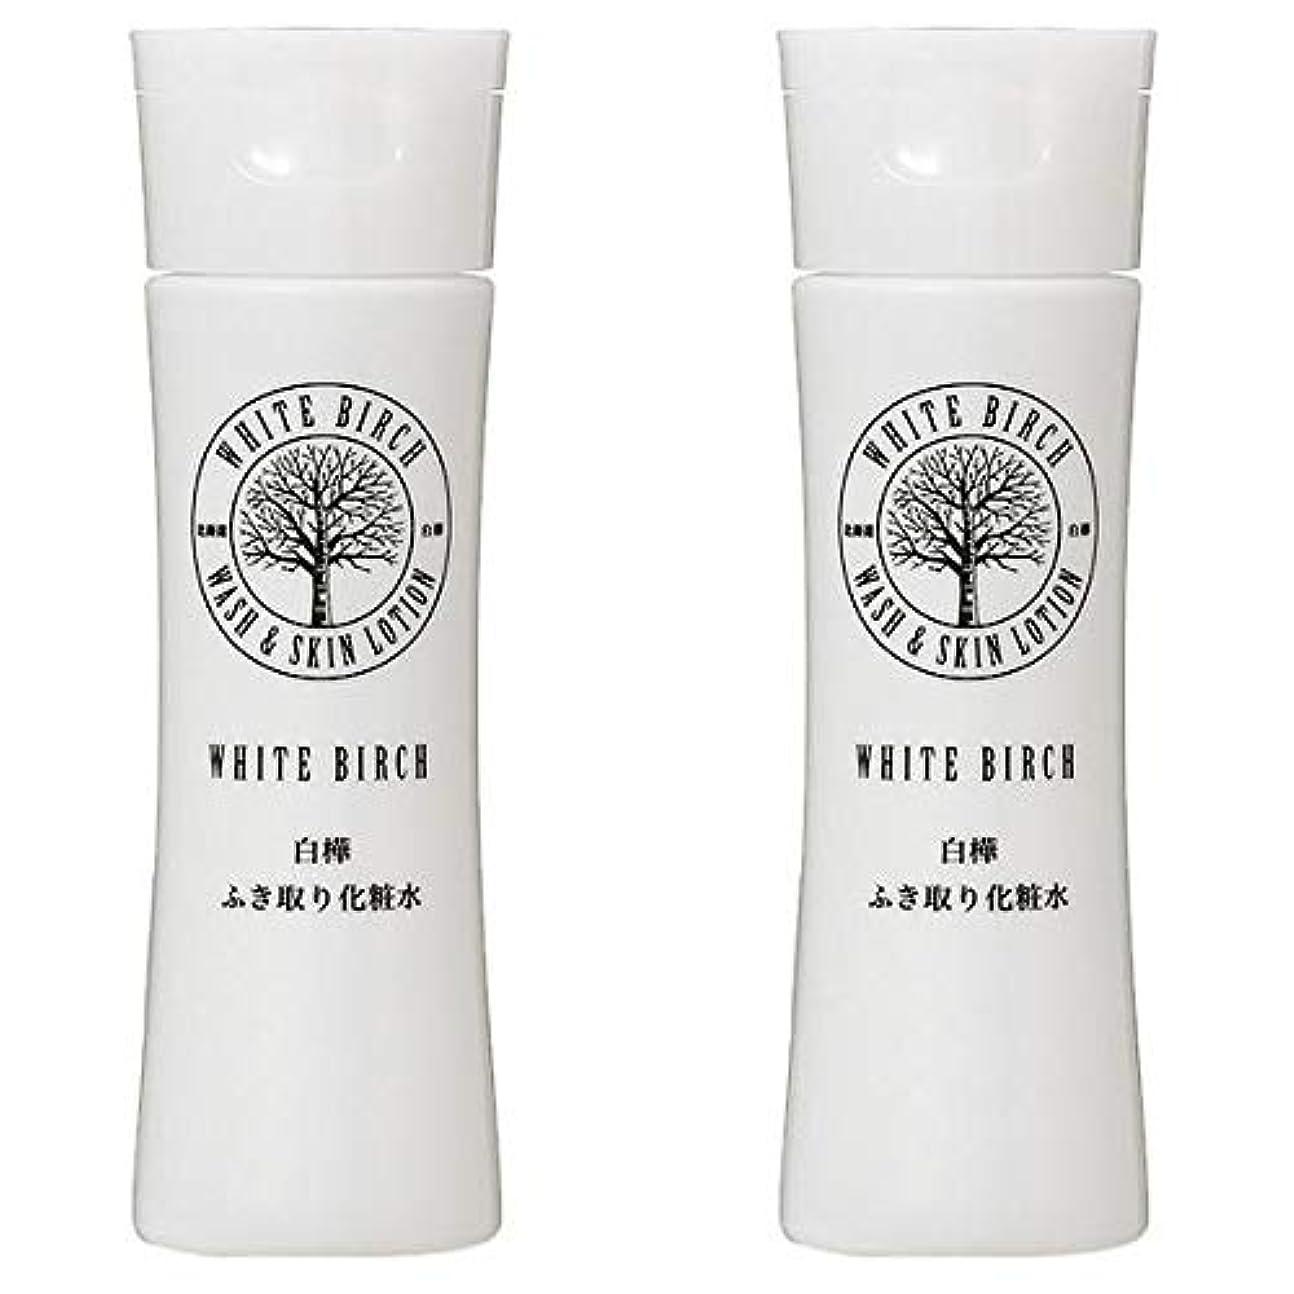 極端な肌寒い強調する北海道アンソロポロジー 白樺ふき取り化粧水 100mL 【2個セット】